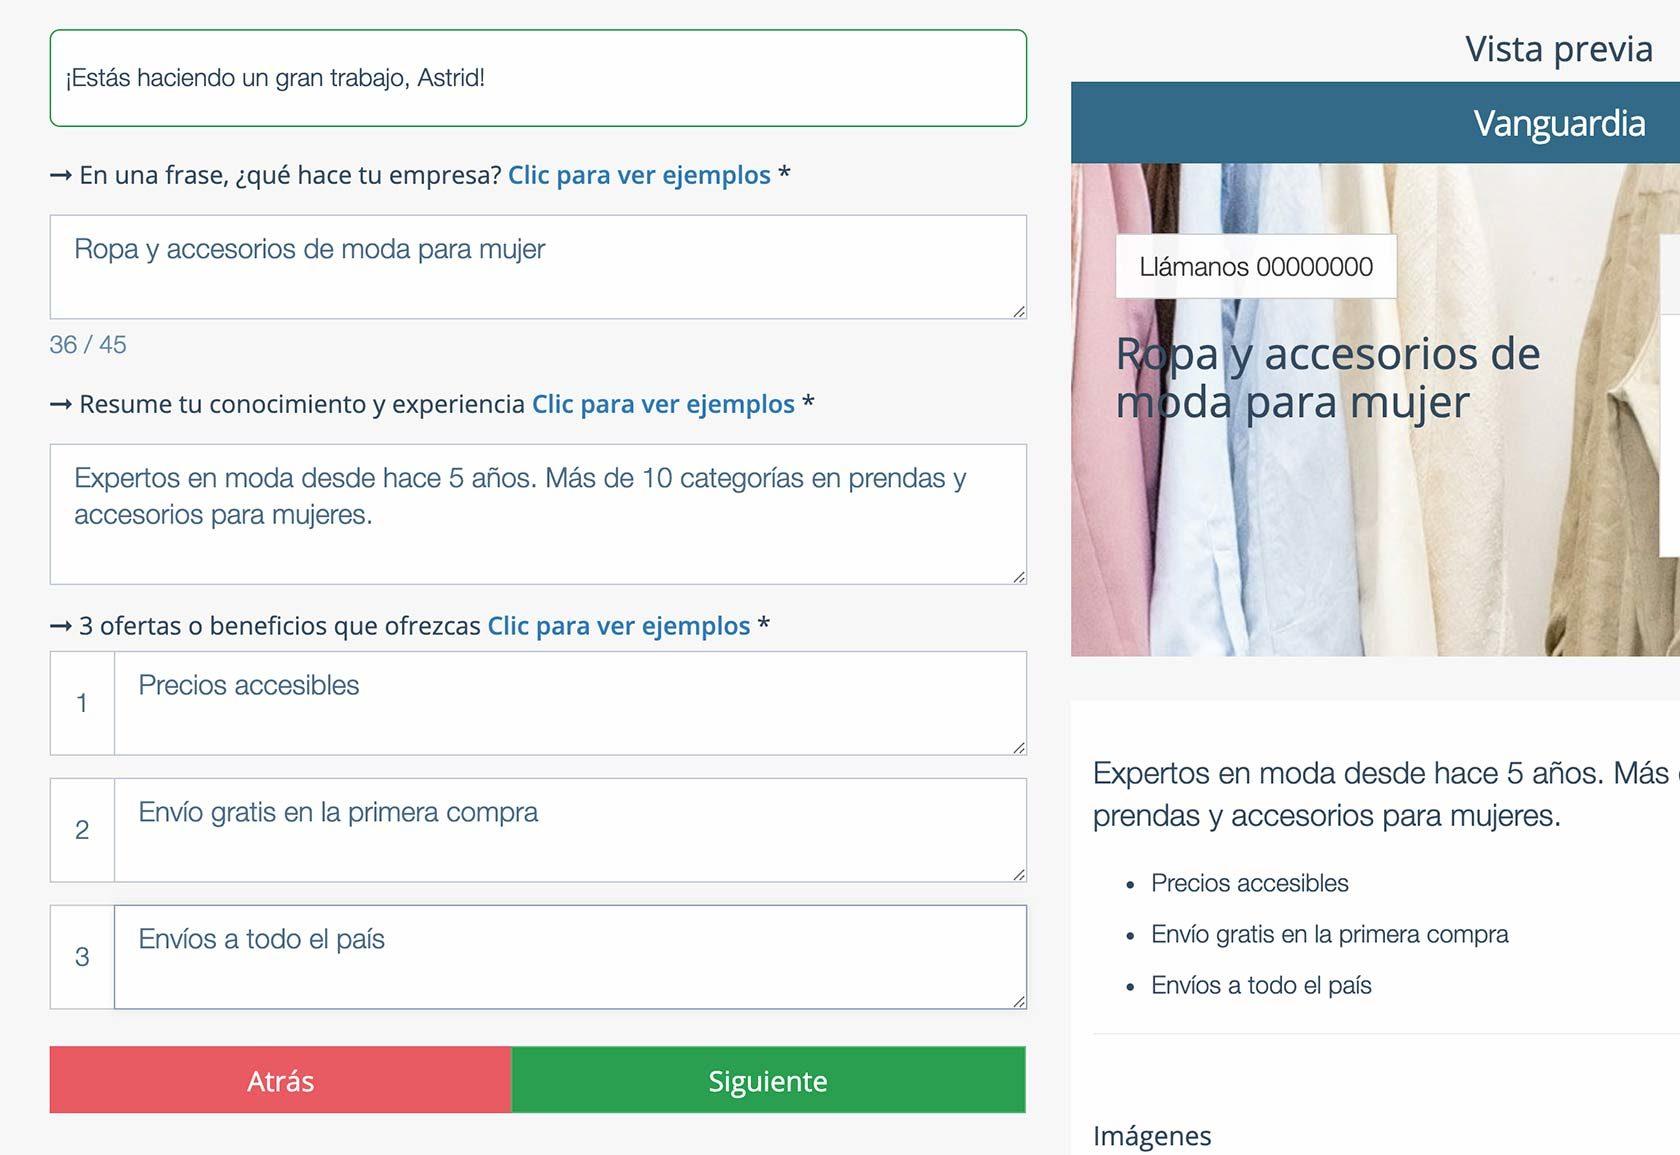 Crear Página Web para vender ropa. Descripción empresa